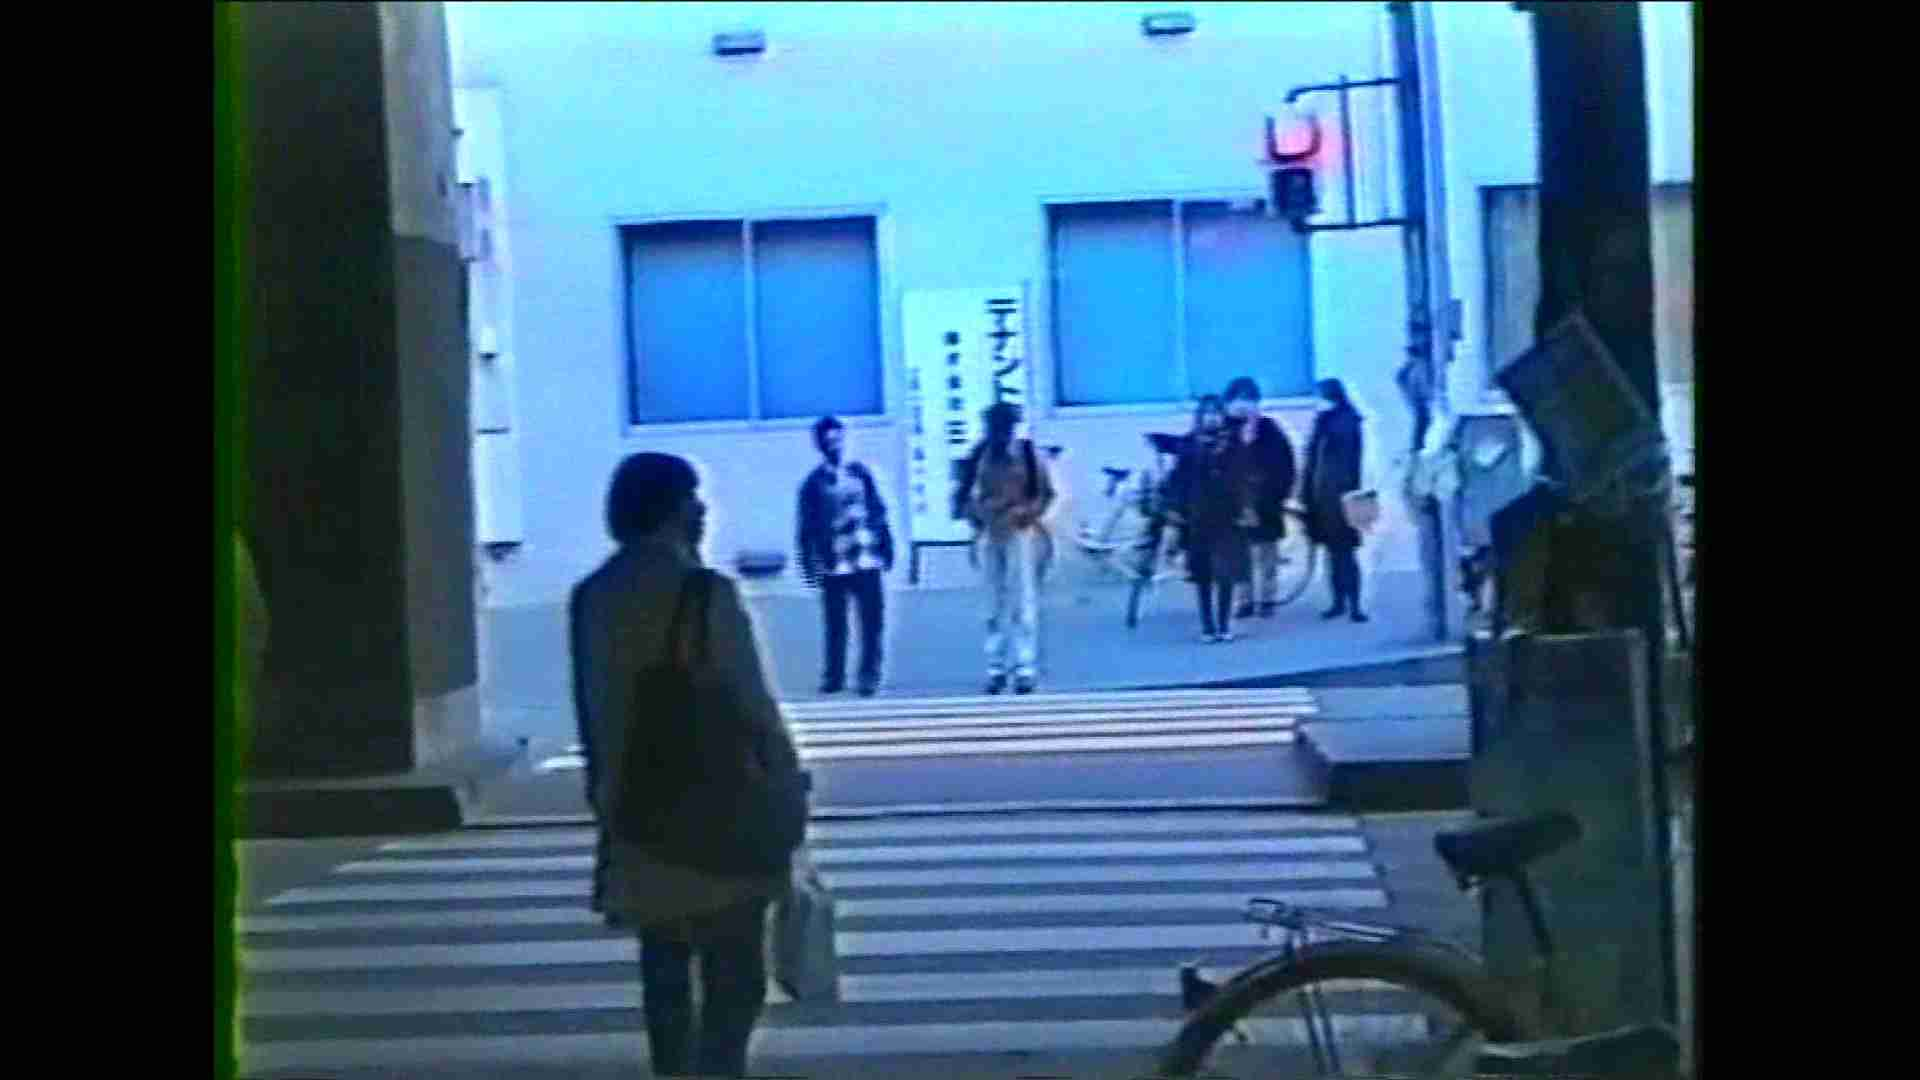 ゲイ 肉棒 動画|MADOKAさんのズリネタコレクションVol.8-1|ゲイマニア